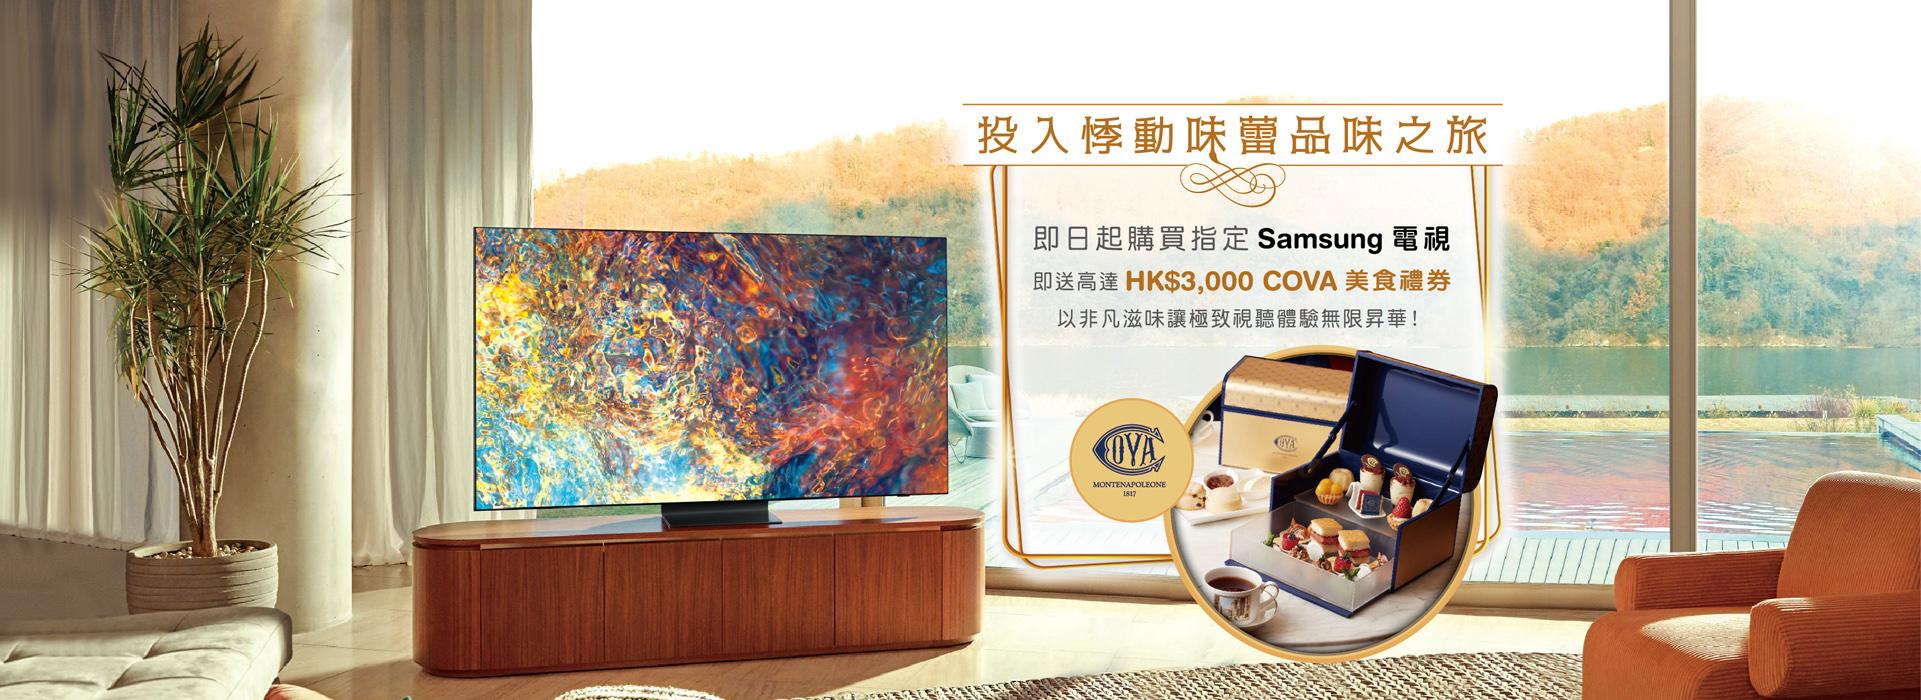 Samsung month 2021